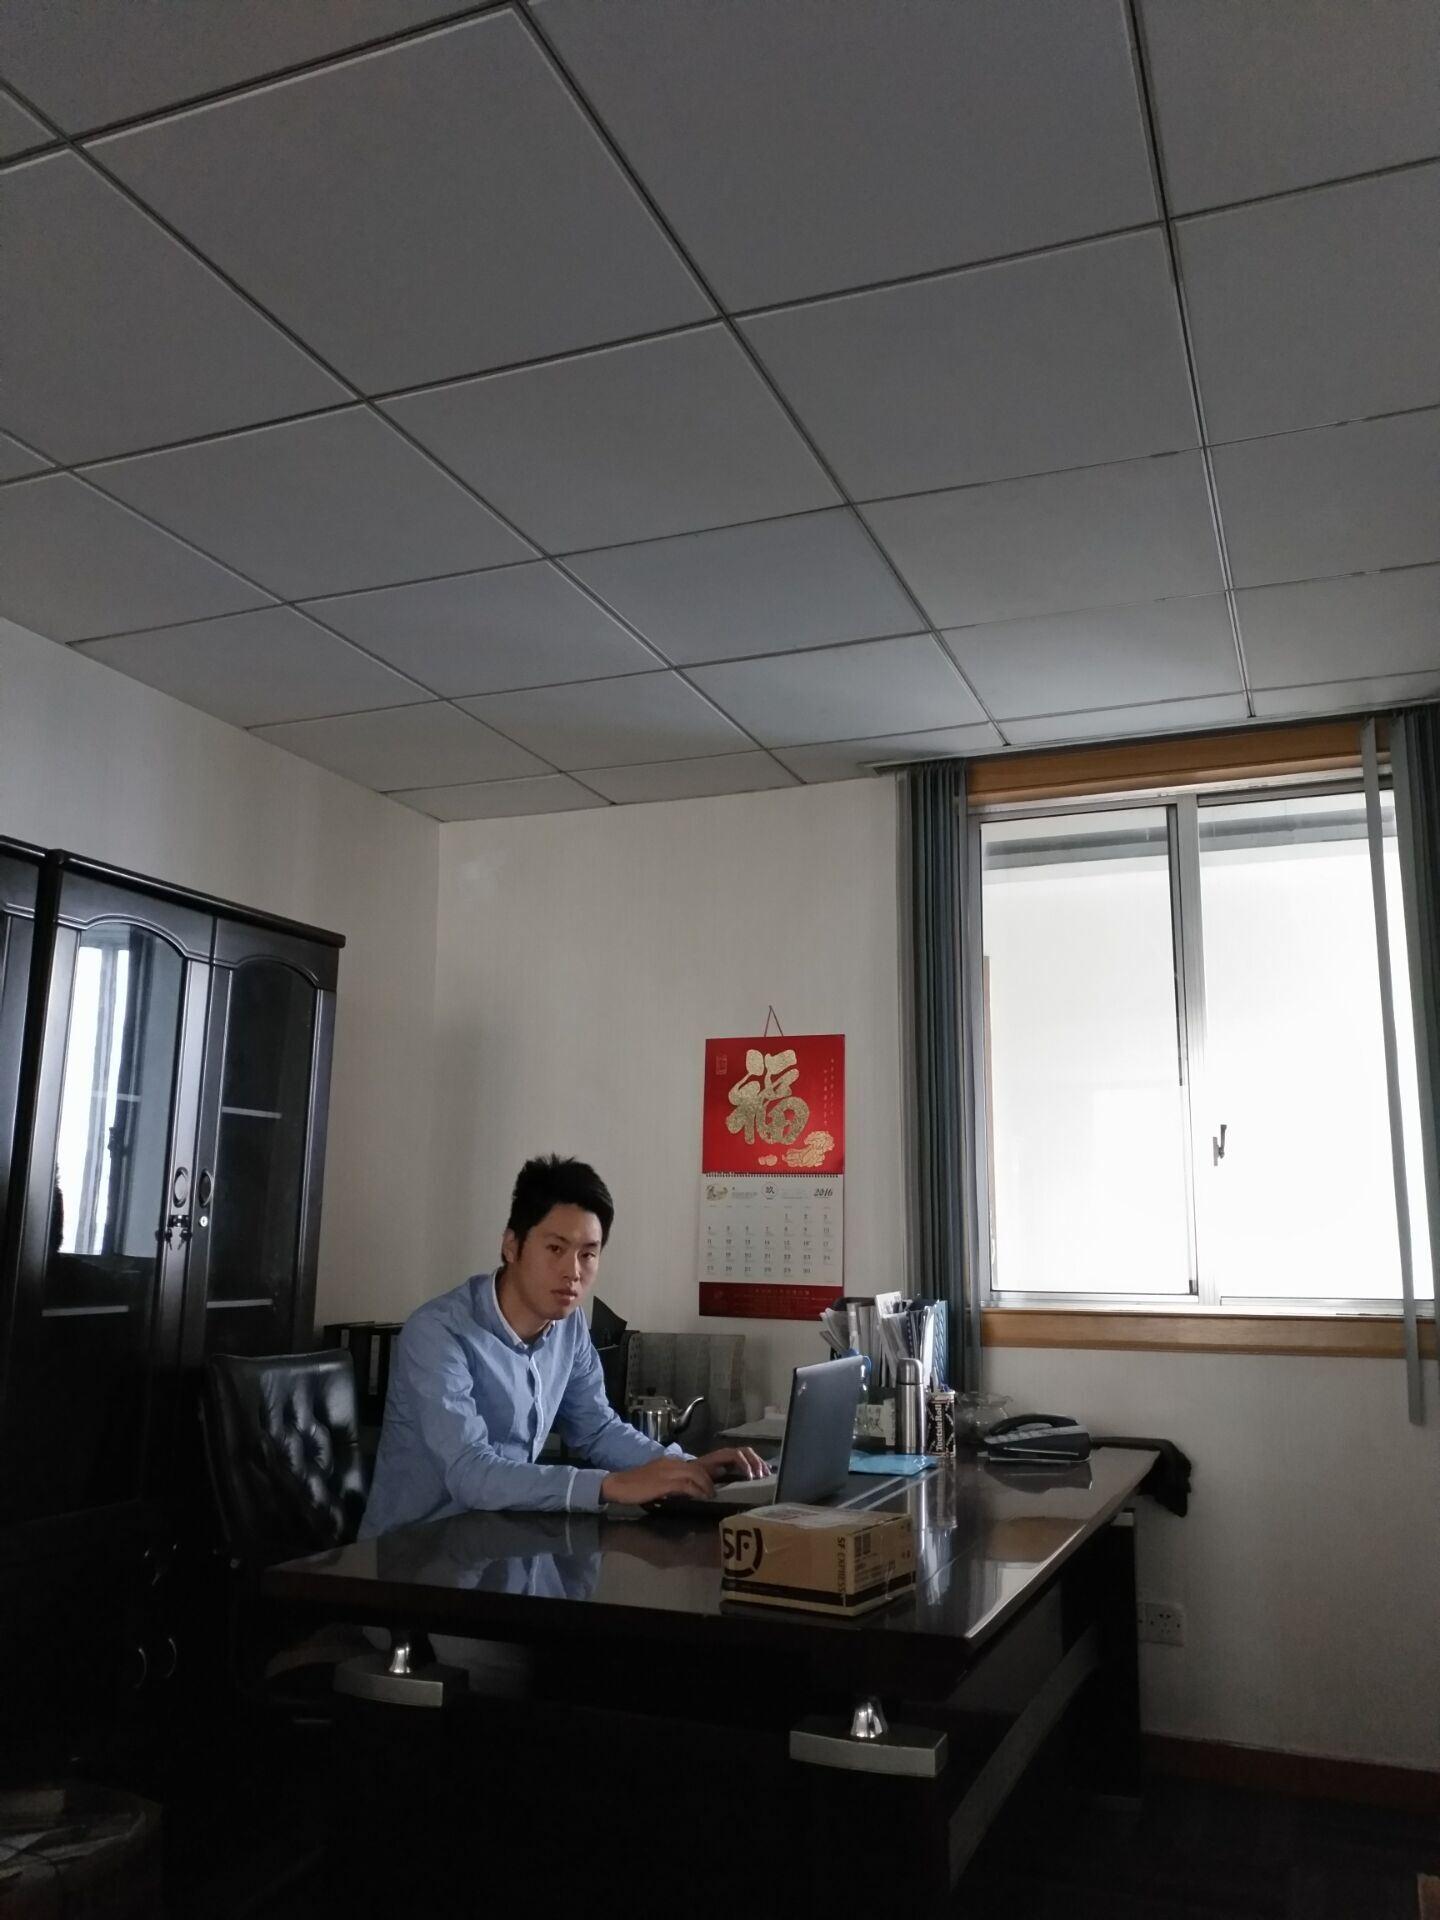 惠州到临汾物流专线(广州亿迅城运物流有限公司惠州分公司)